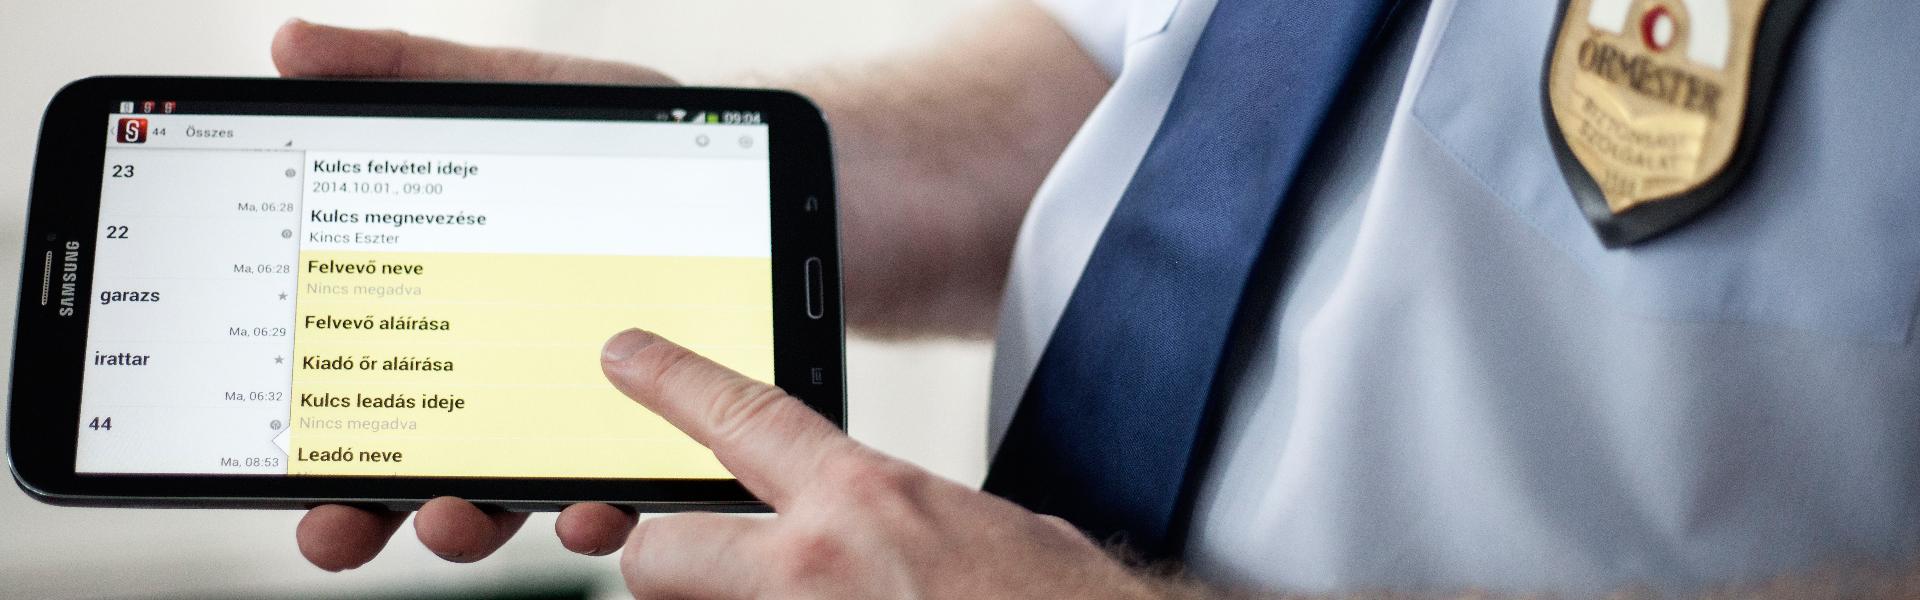 digitális őrszolgálati napló